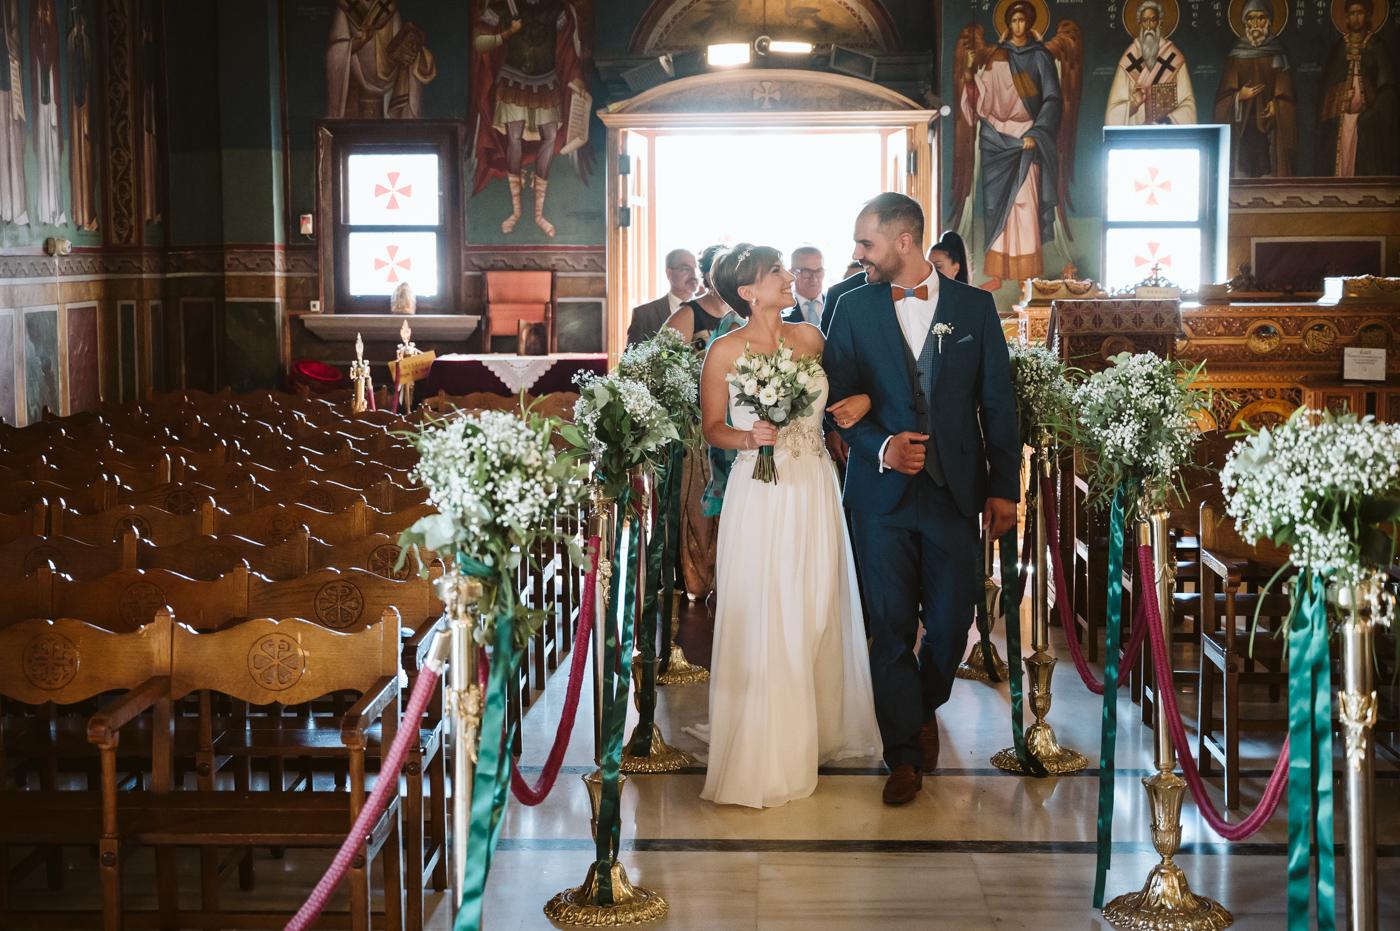 γάμος στην αγία σκέπη παπάγου